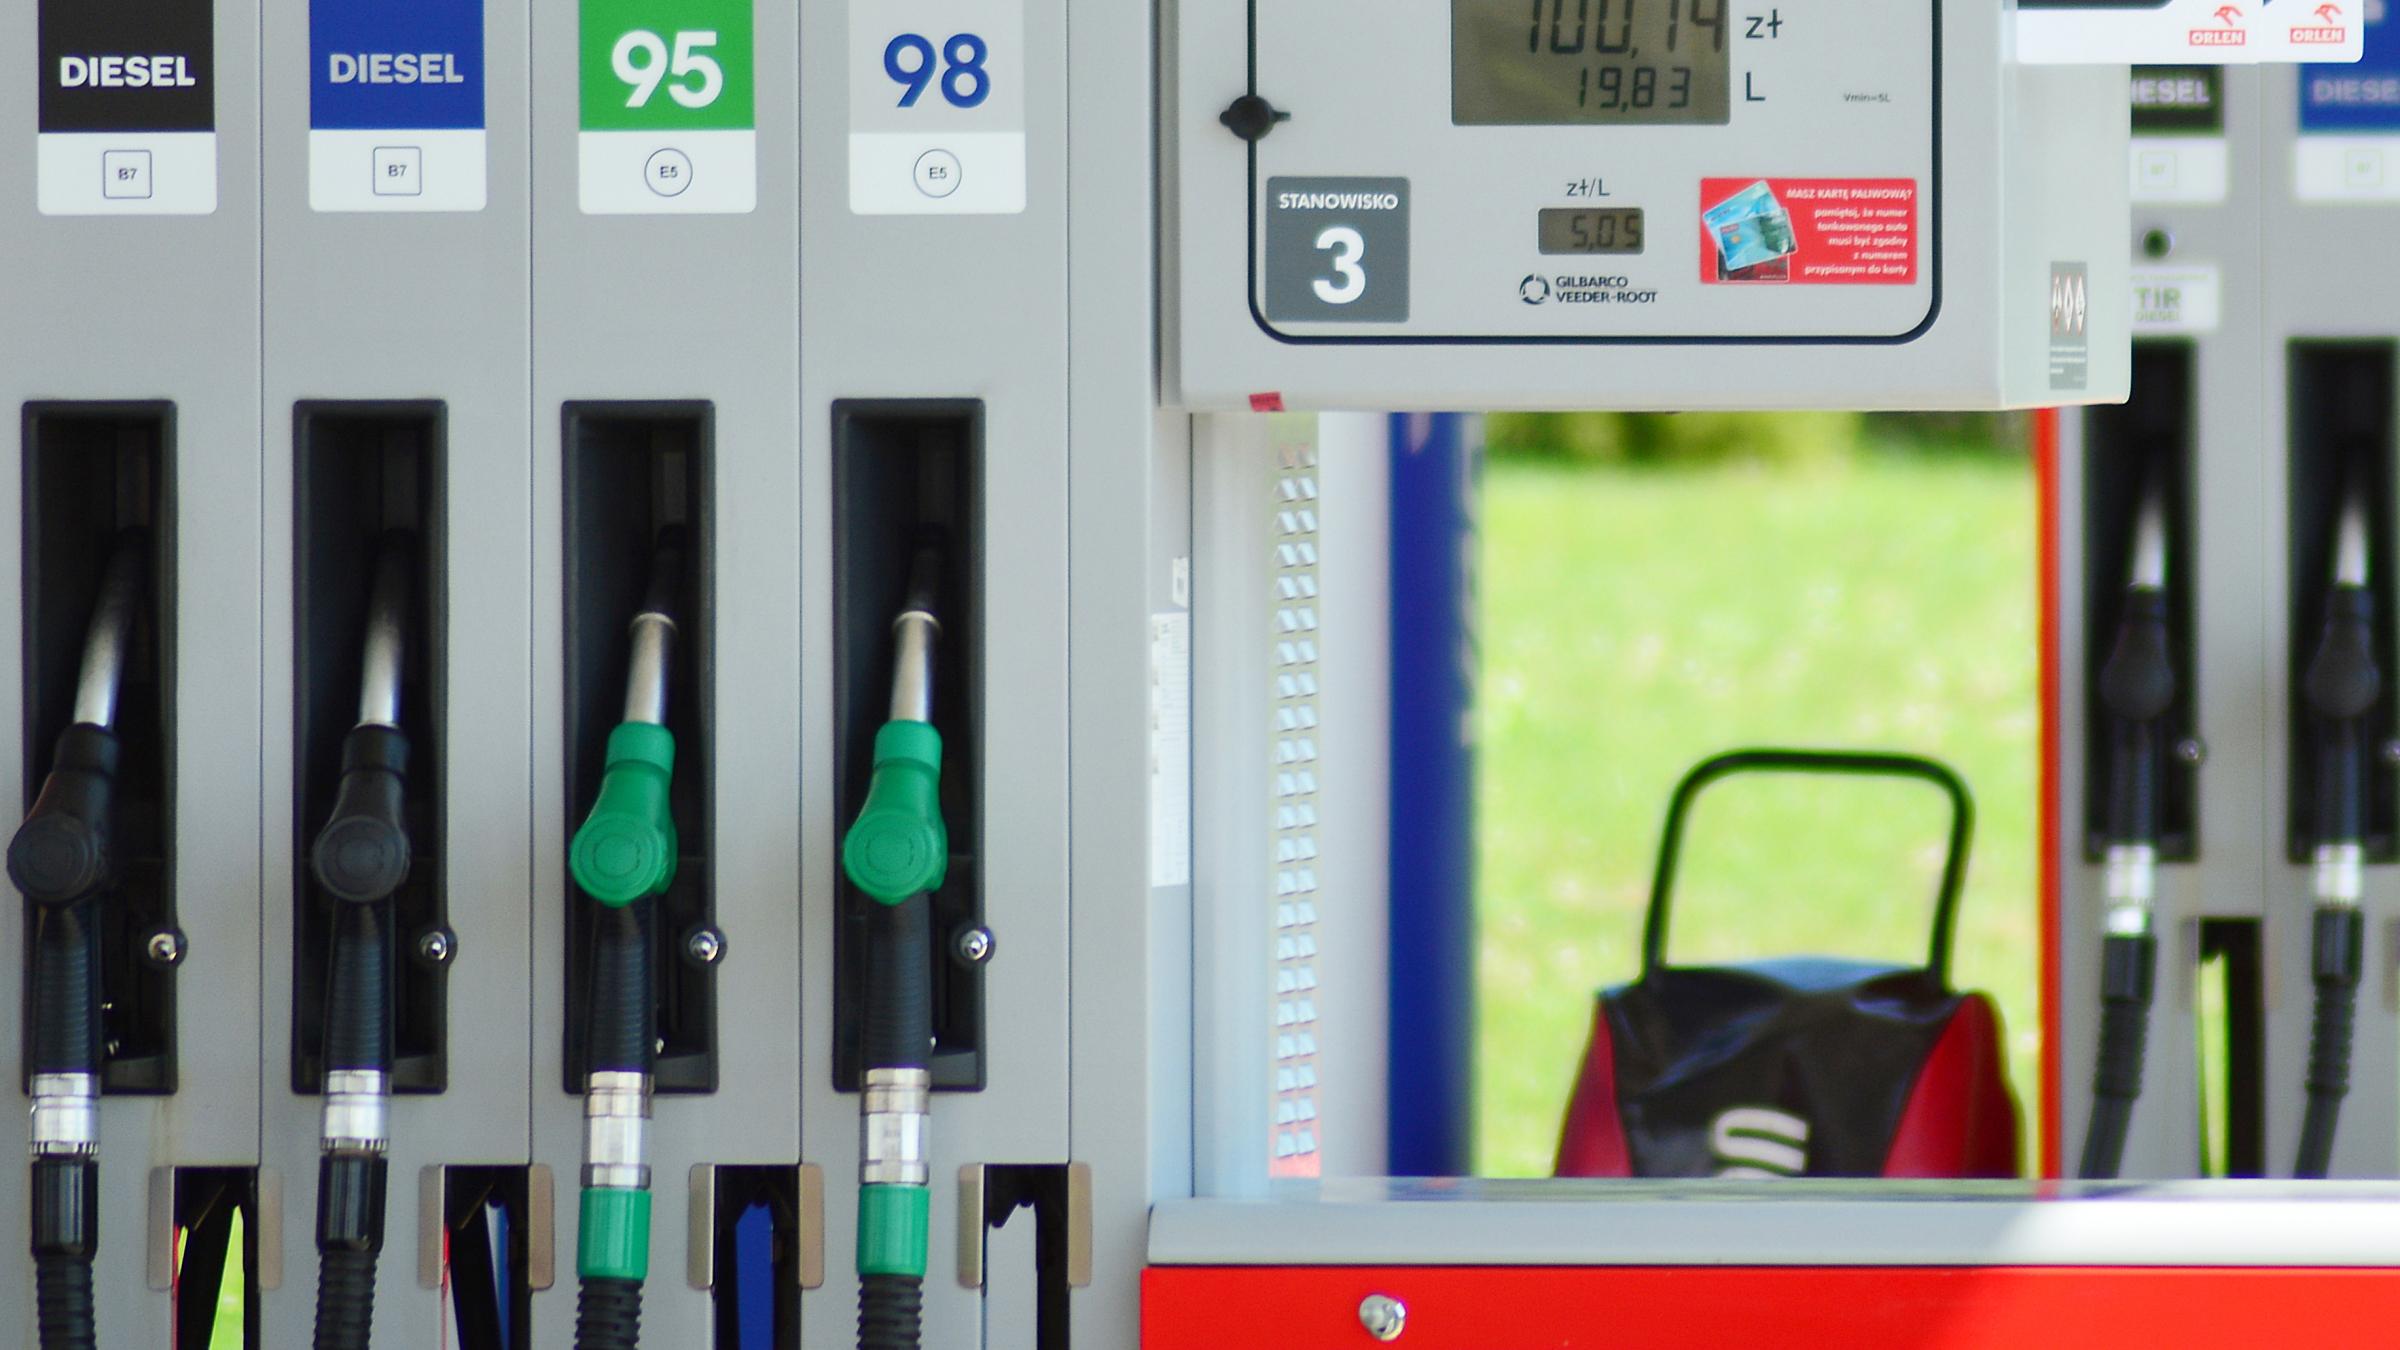 Młodzieńczy Orlen, Lotos, BP, Shell, Circle K wprowadzają nowe etykiety paliw MF08